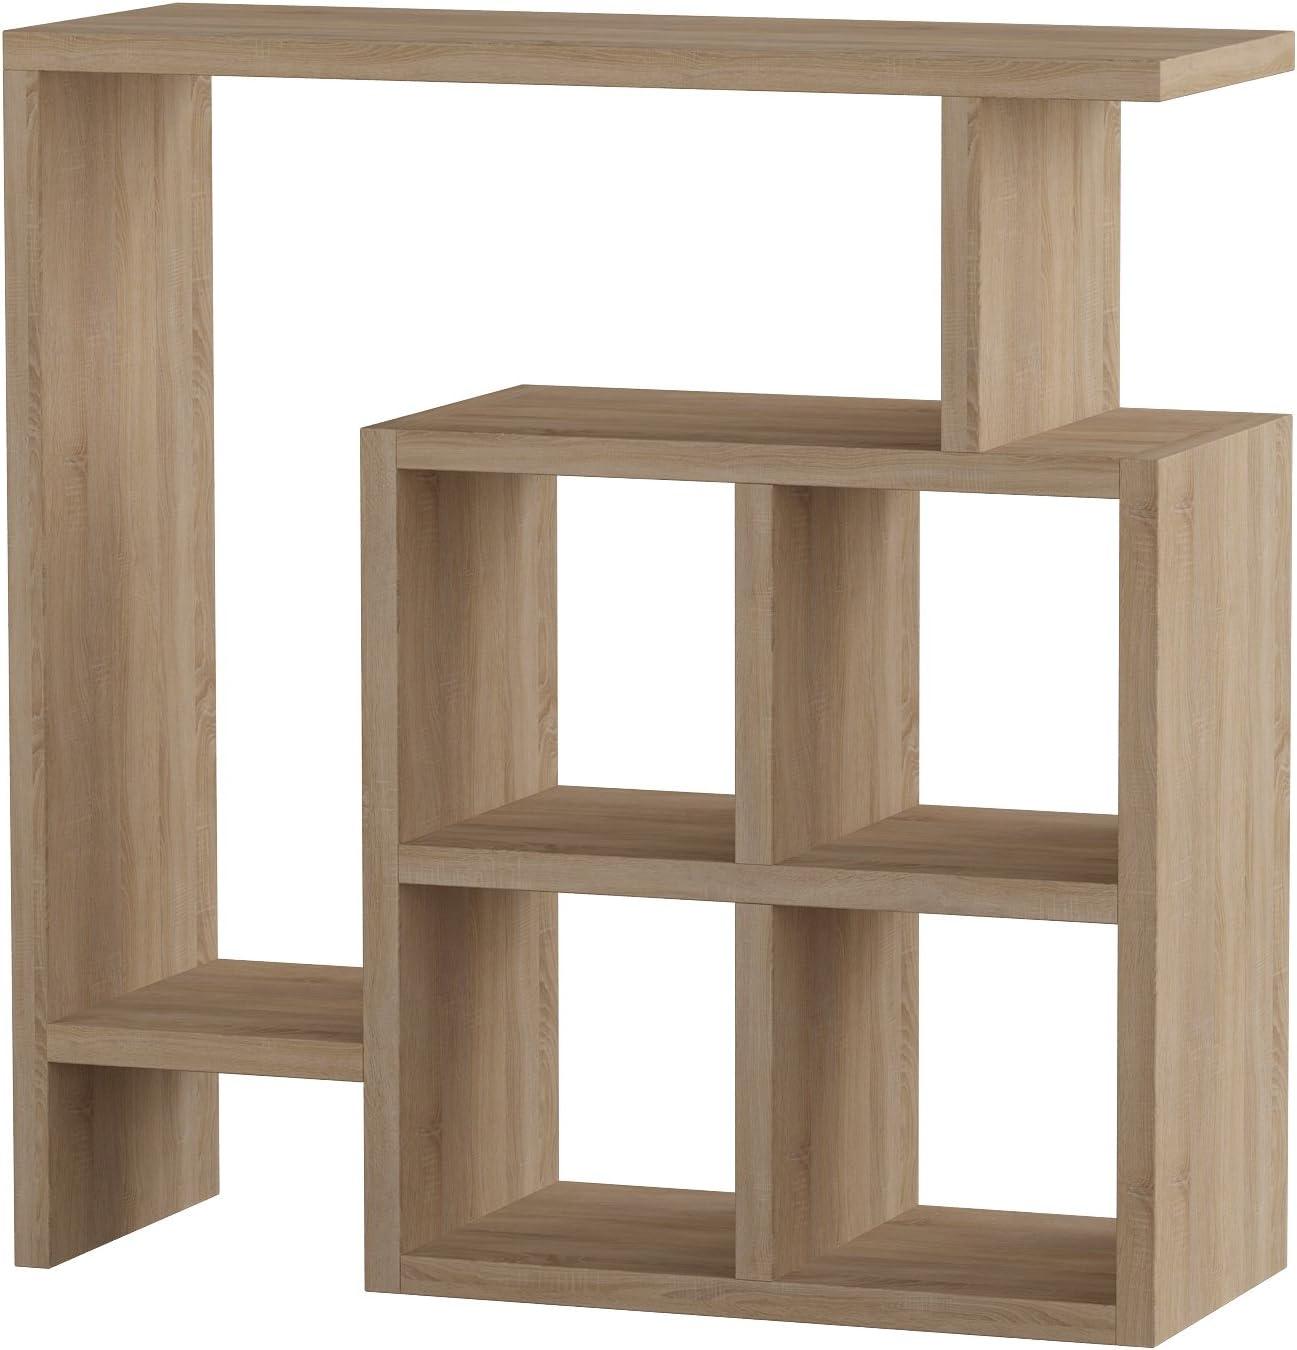 Ada Home Décor Smith Side Table, 22'' x 22'' x 8'', Oak